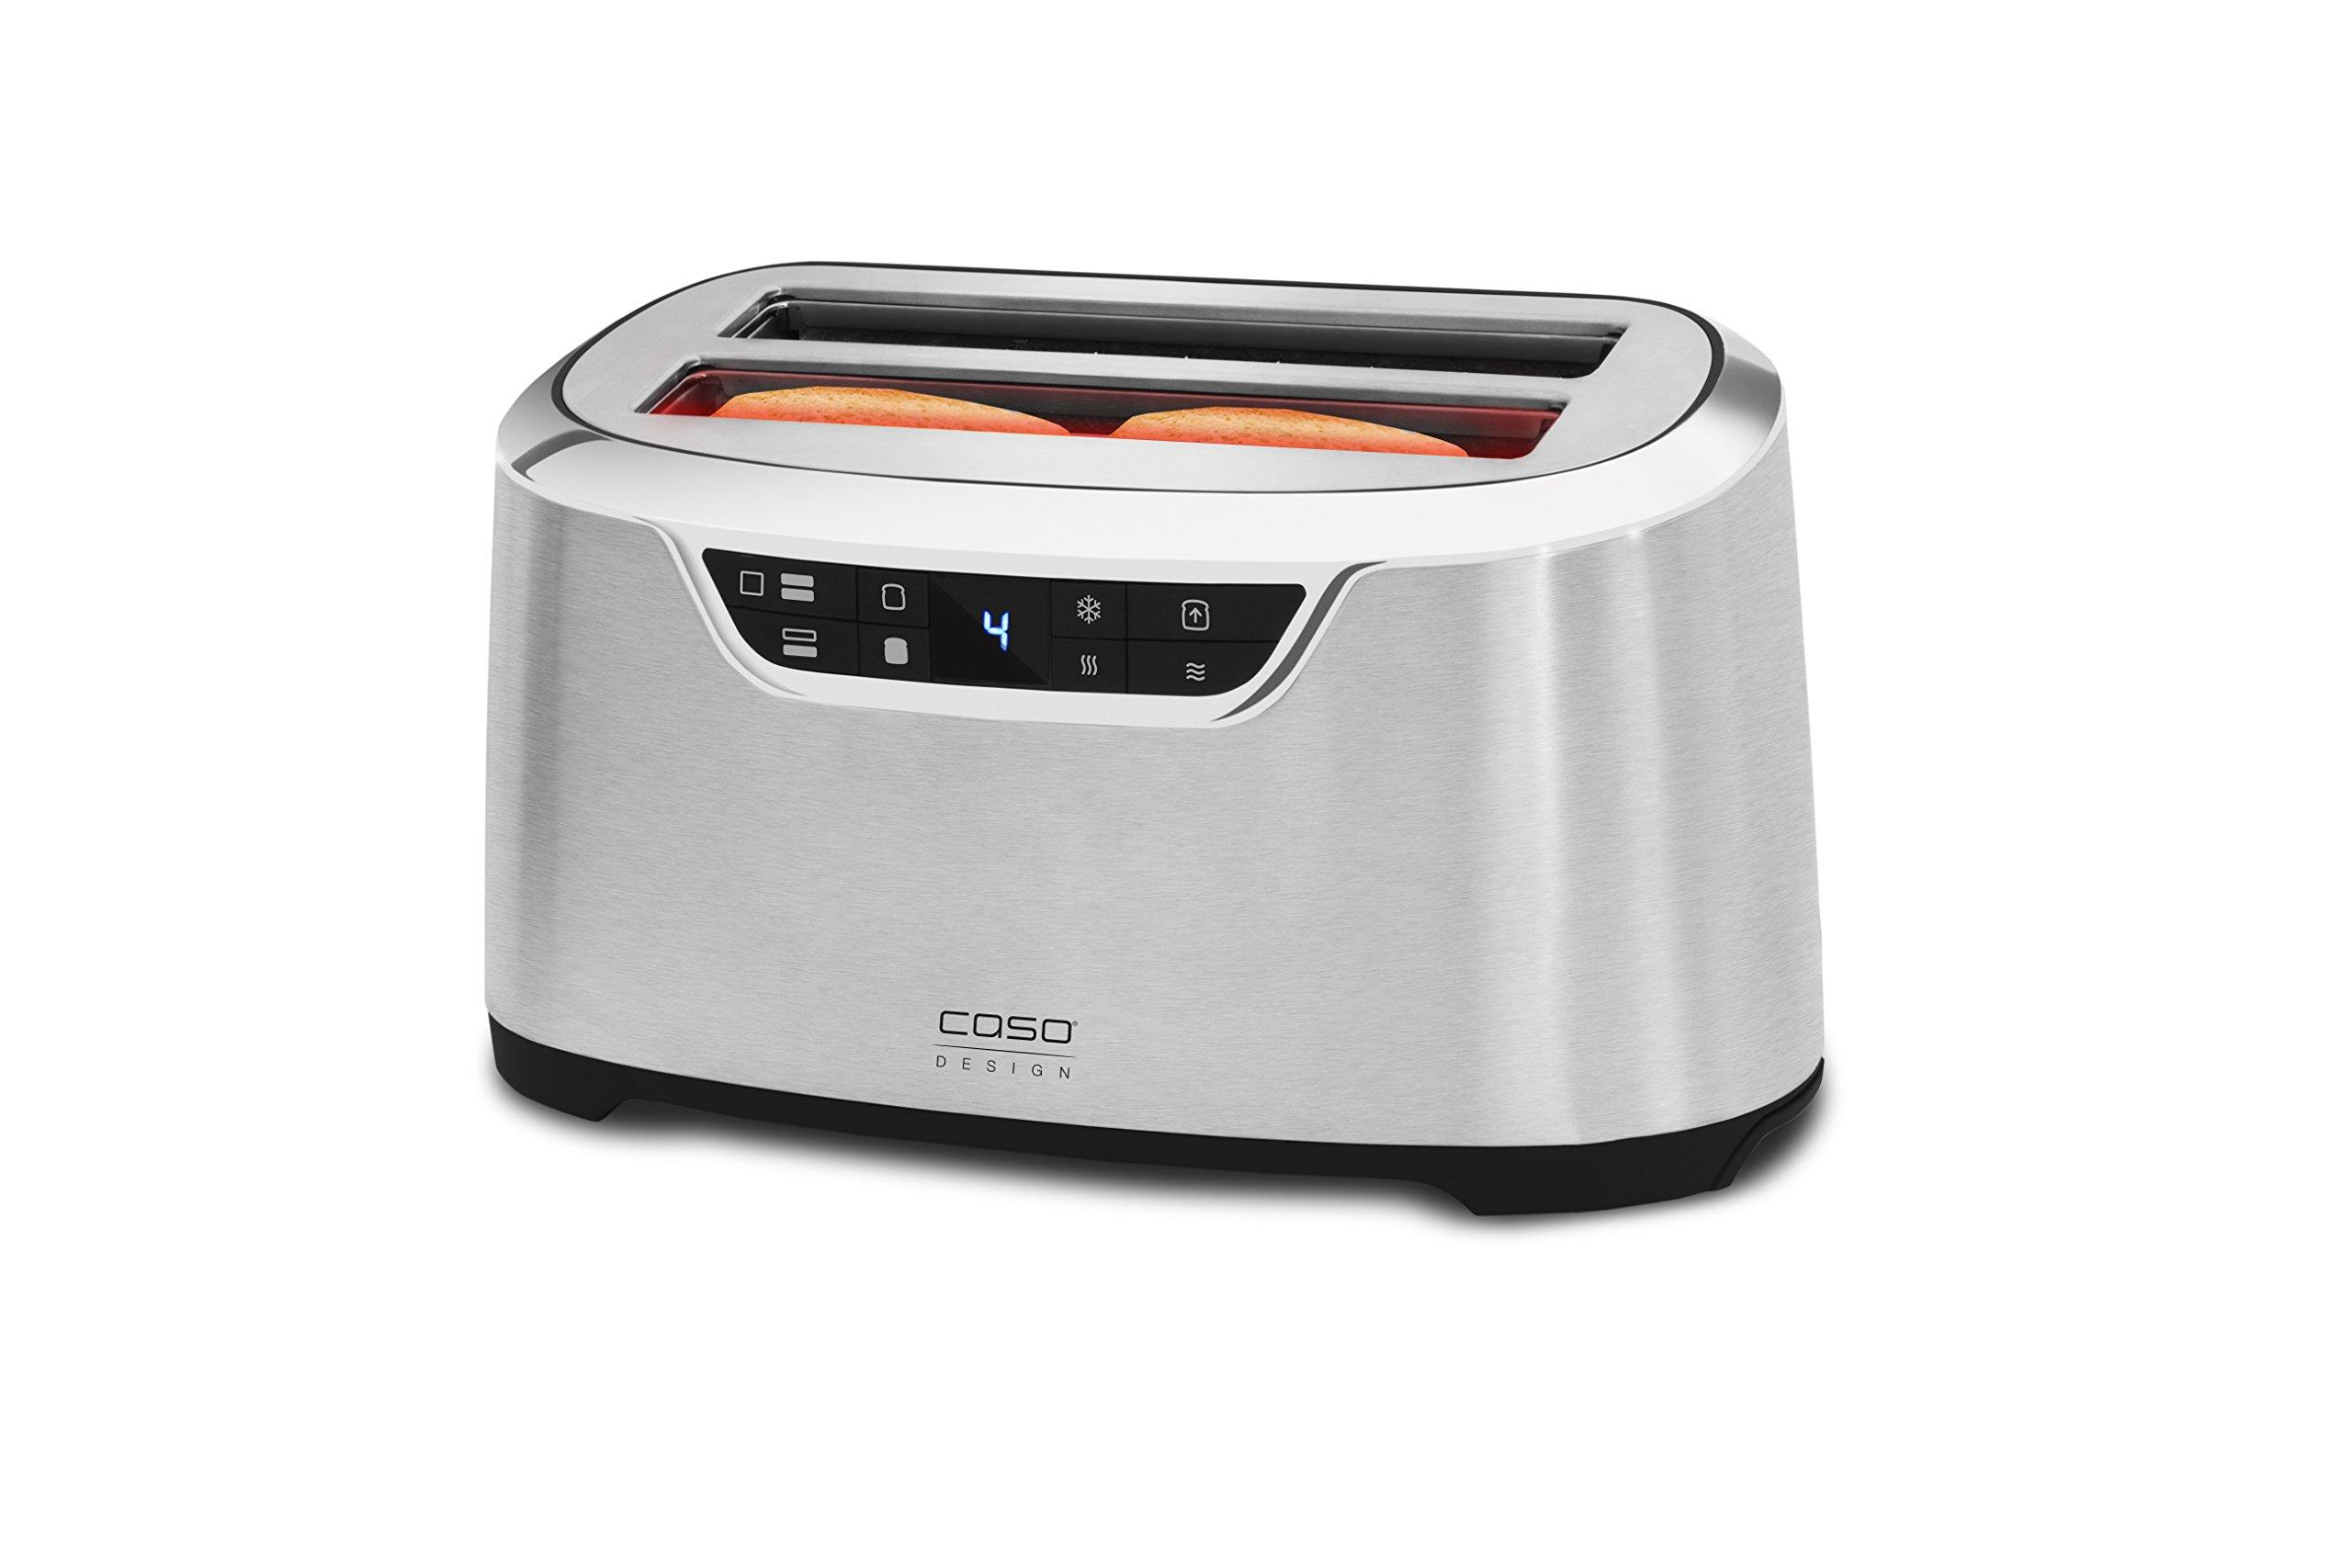 CASO-NOVEA-T4-Design-Toaster-fr-4-Scheiben-mit-Motorlift-9-Brunungsstufen-inkl-Brtchenaufsatz